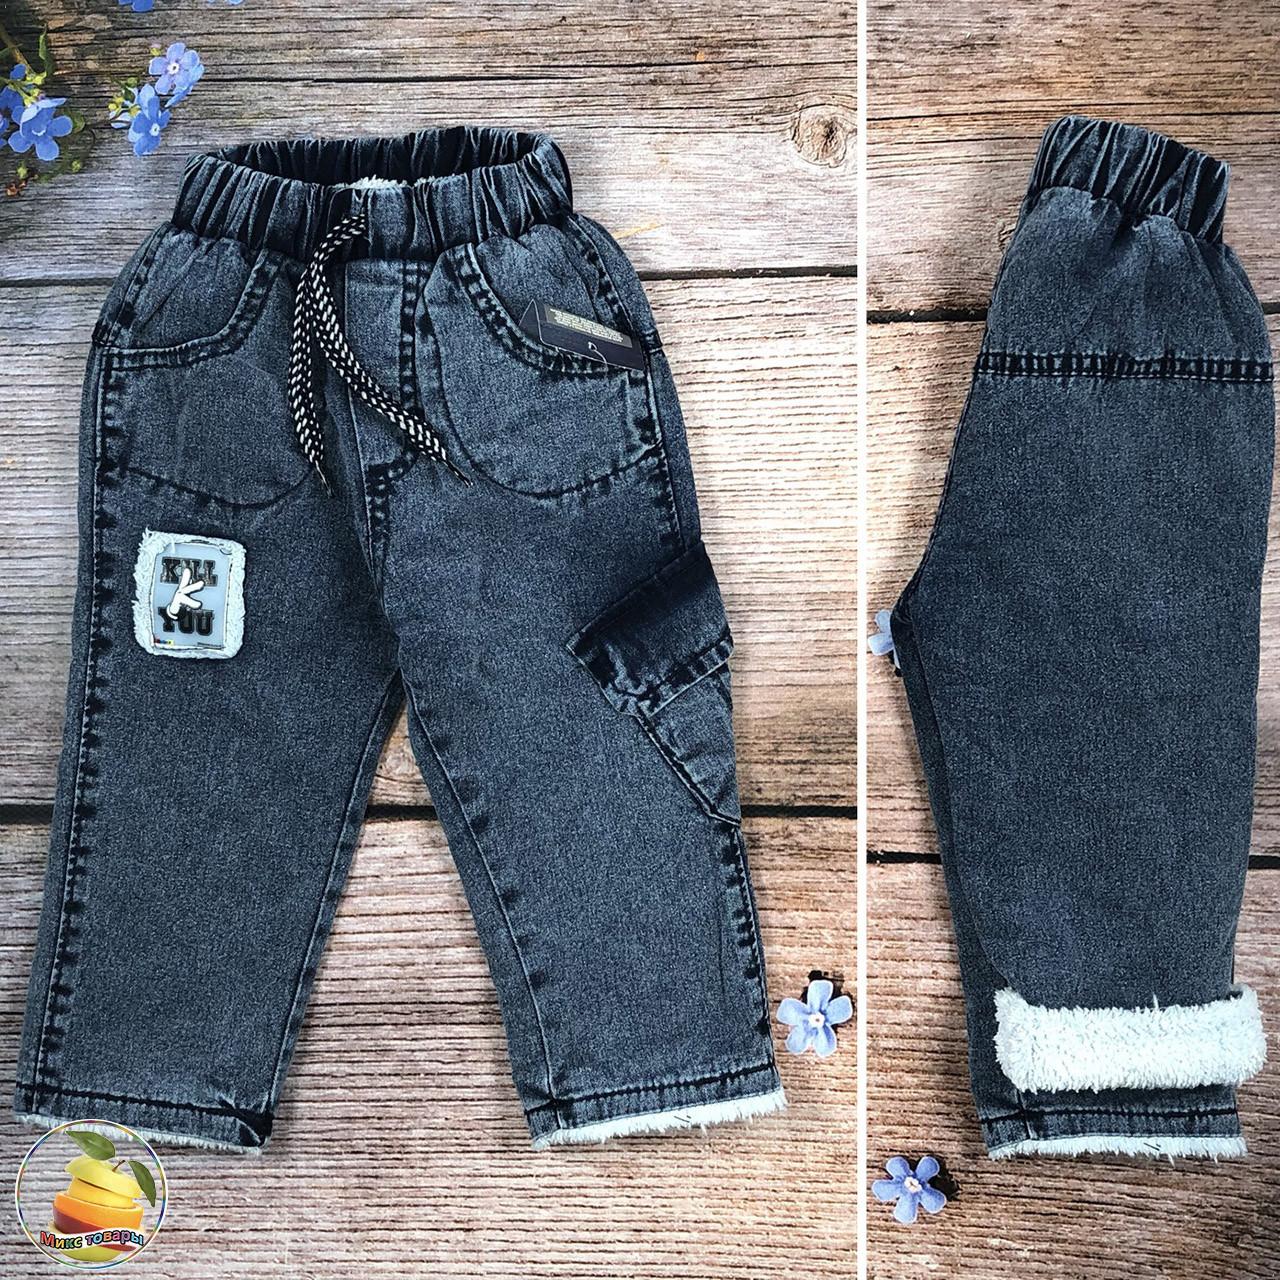 Детские джинсы на травке для малыша Размеры: 1,2,3,4 года (20904)